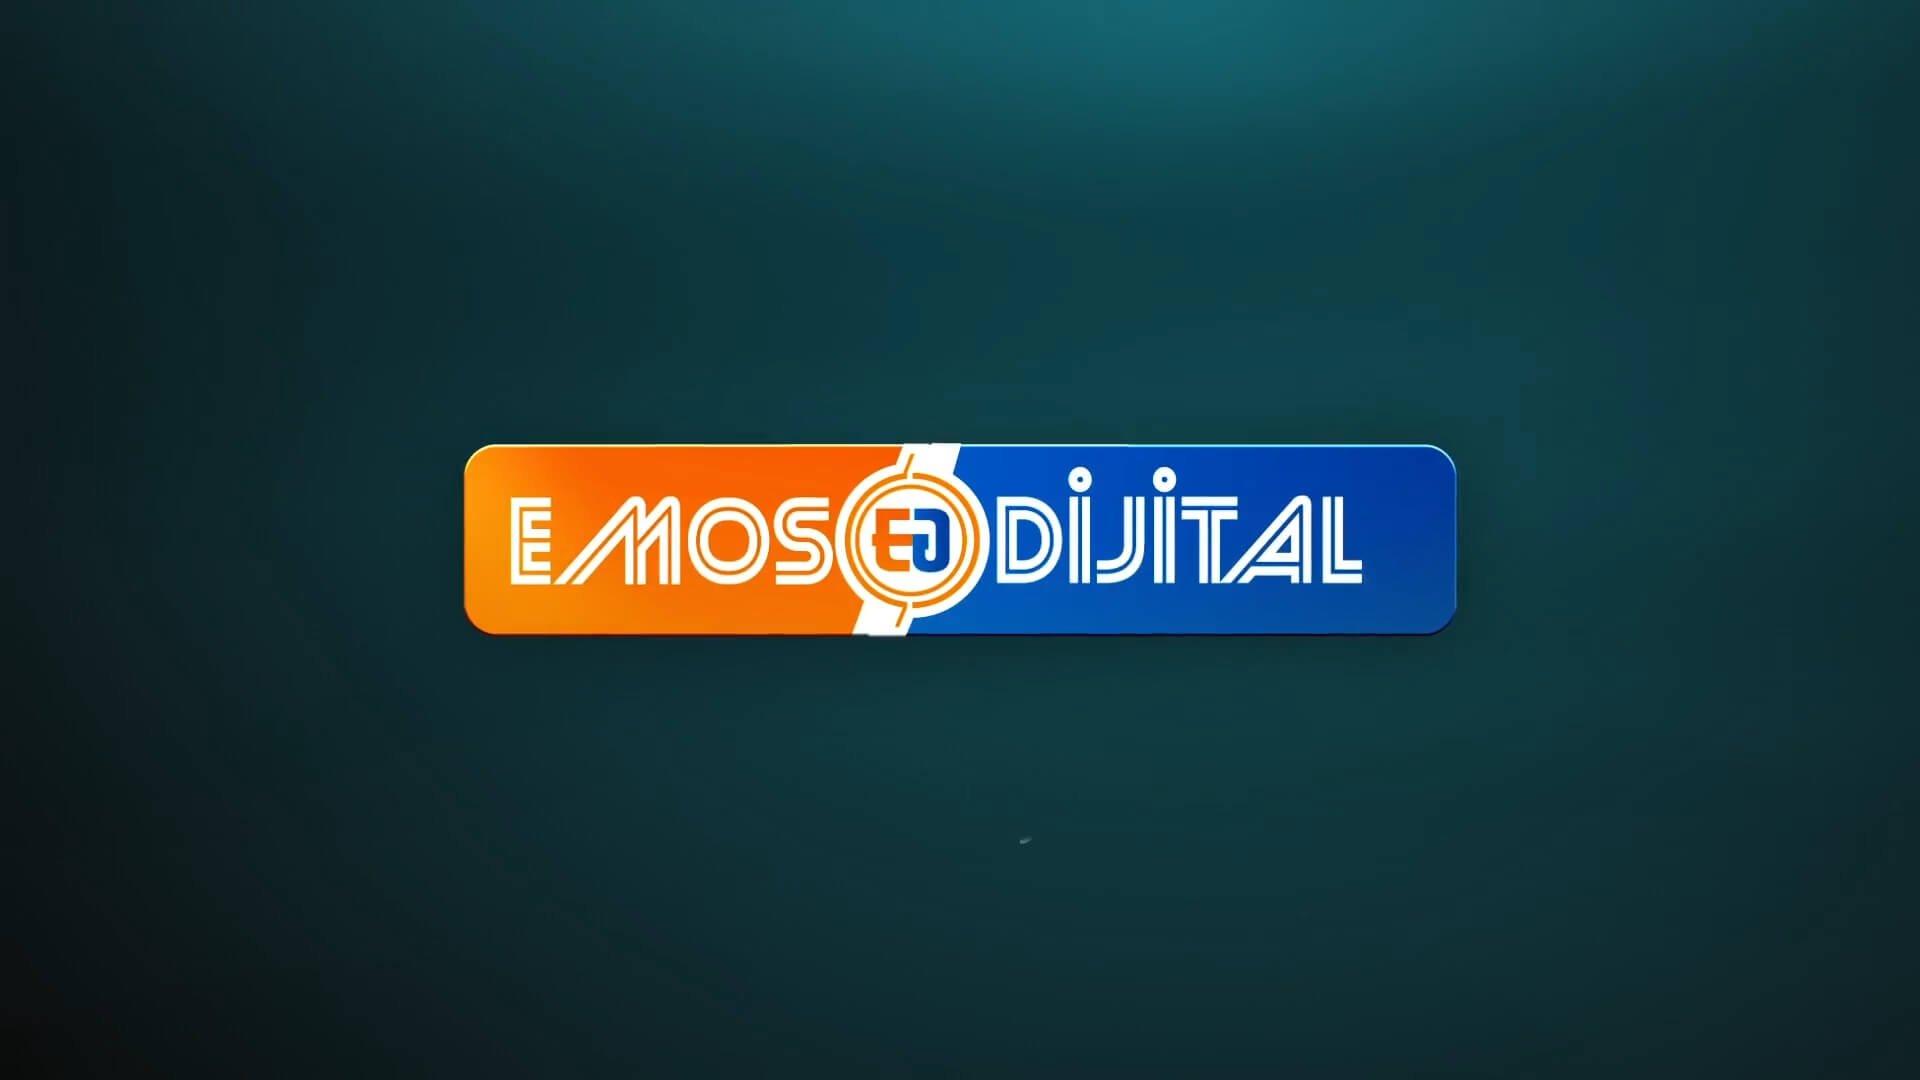 Emos Marketing 2D3D Hibrit Torna Tezgahı Filmi 15 1920x1080 - Emos Marketing 2D+3D Hibrit Torna Tezgahı Tanıtım Filmi